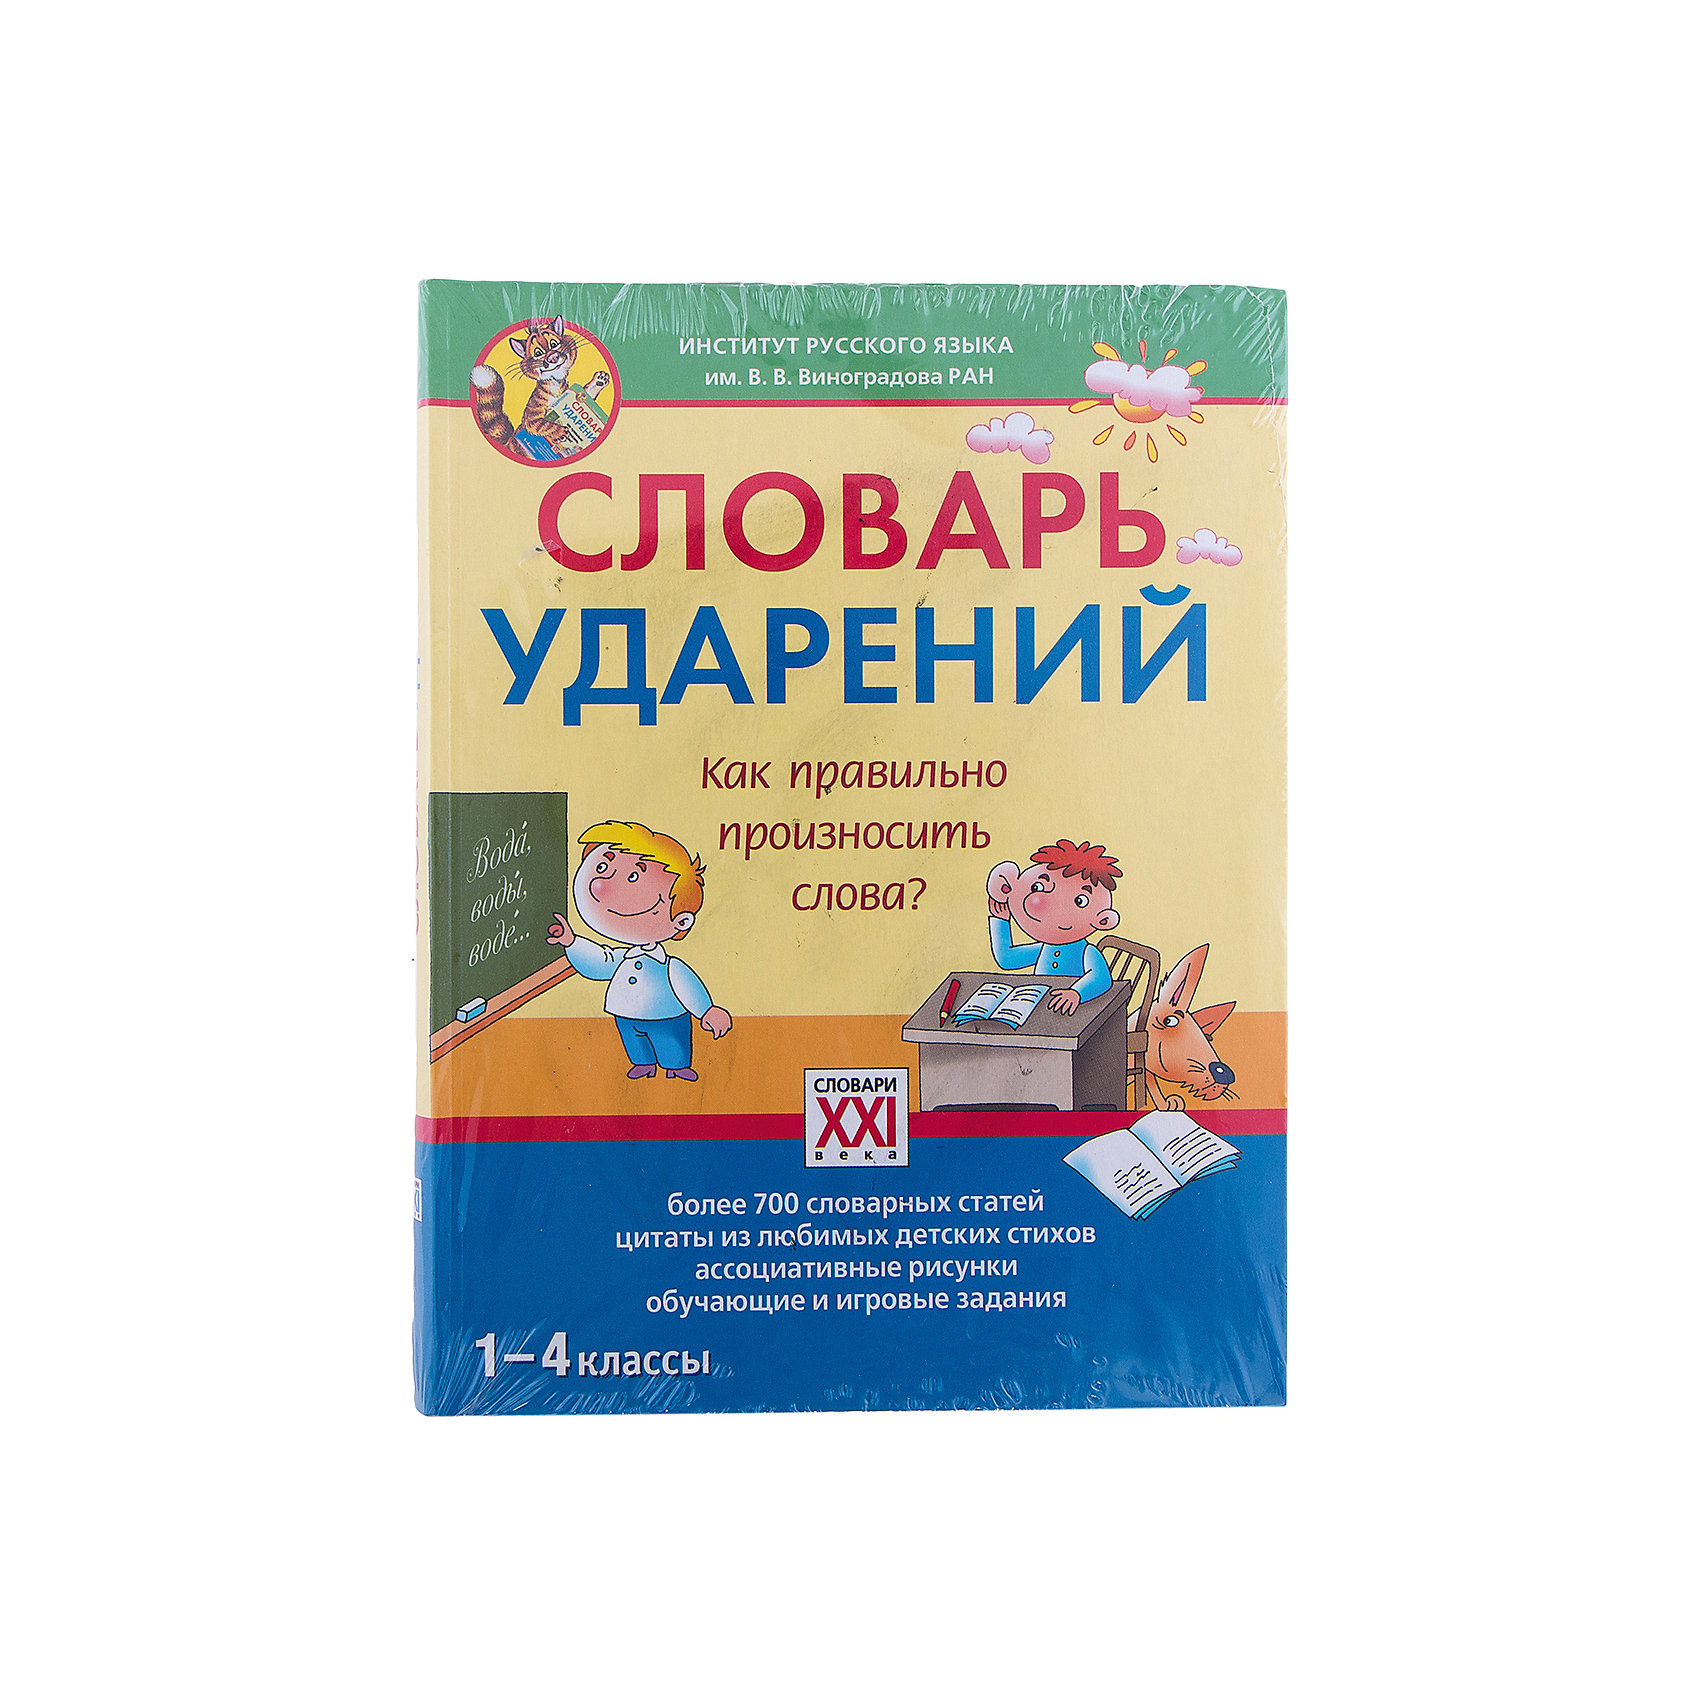 АСТ-ПРЕСС Комплект «Словари 1-4 класс»